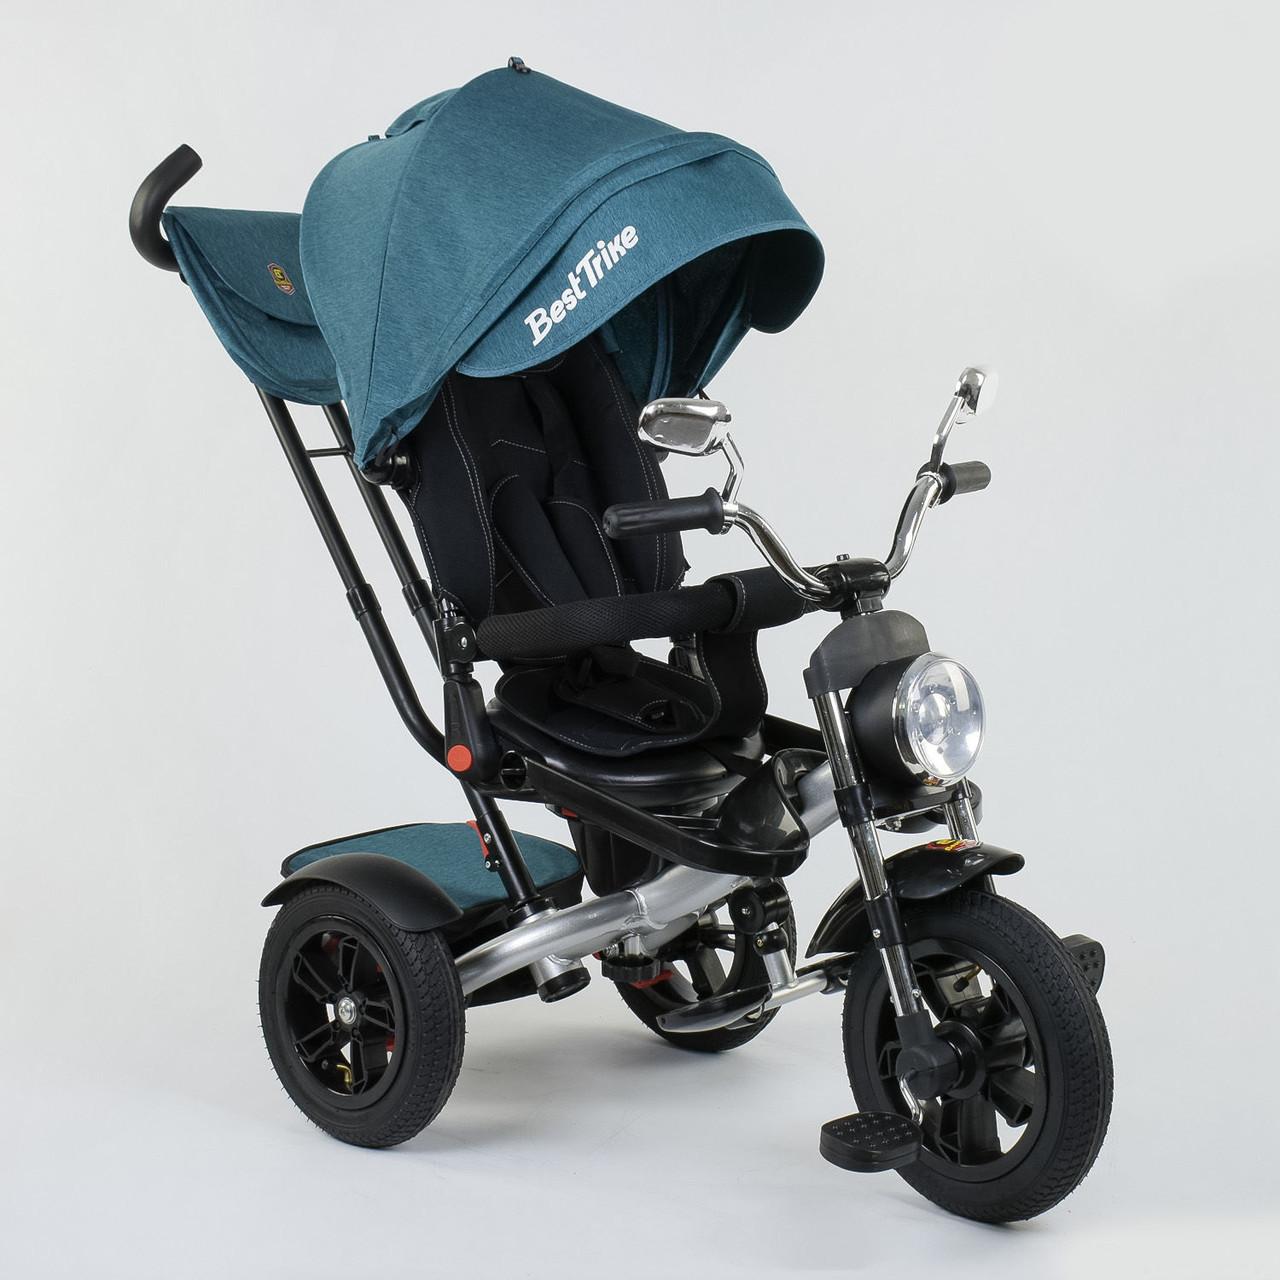 Велосипед 3-х колёсный Best Trike 4490 - 2209, поворотное сиденье, складной руль, русское озвучивание, надувны